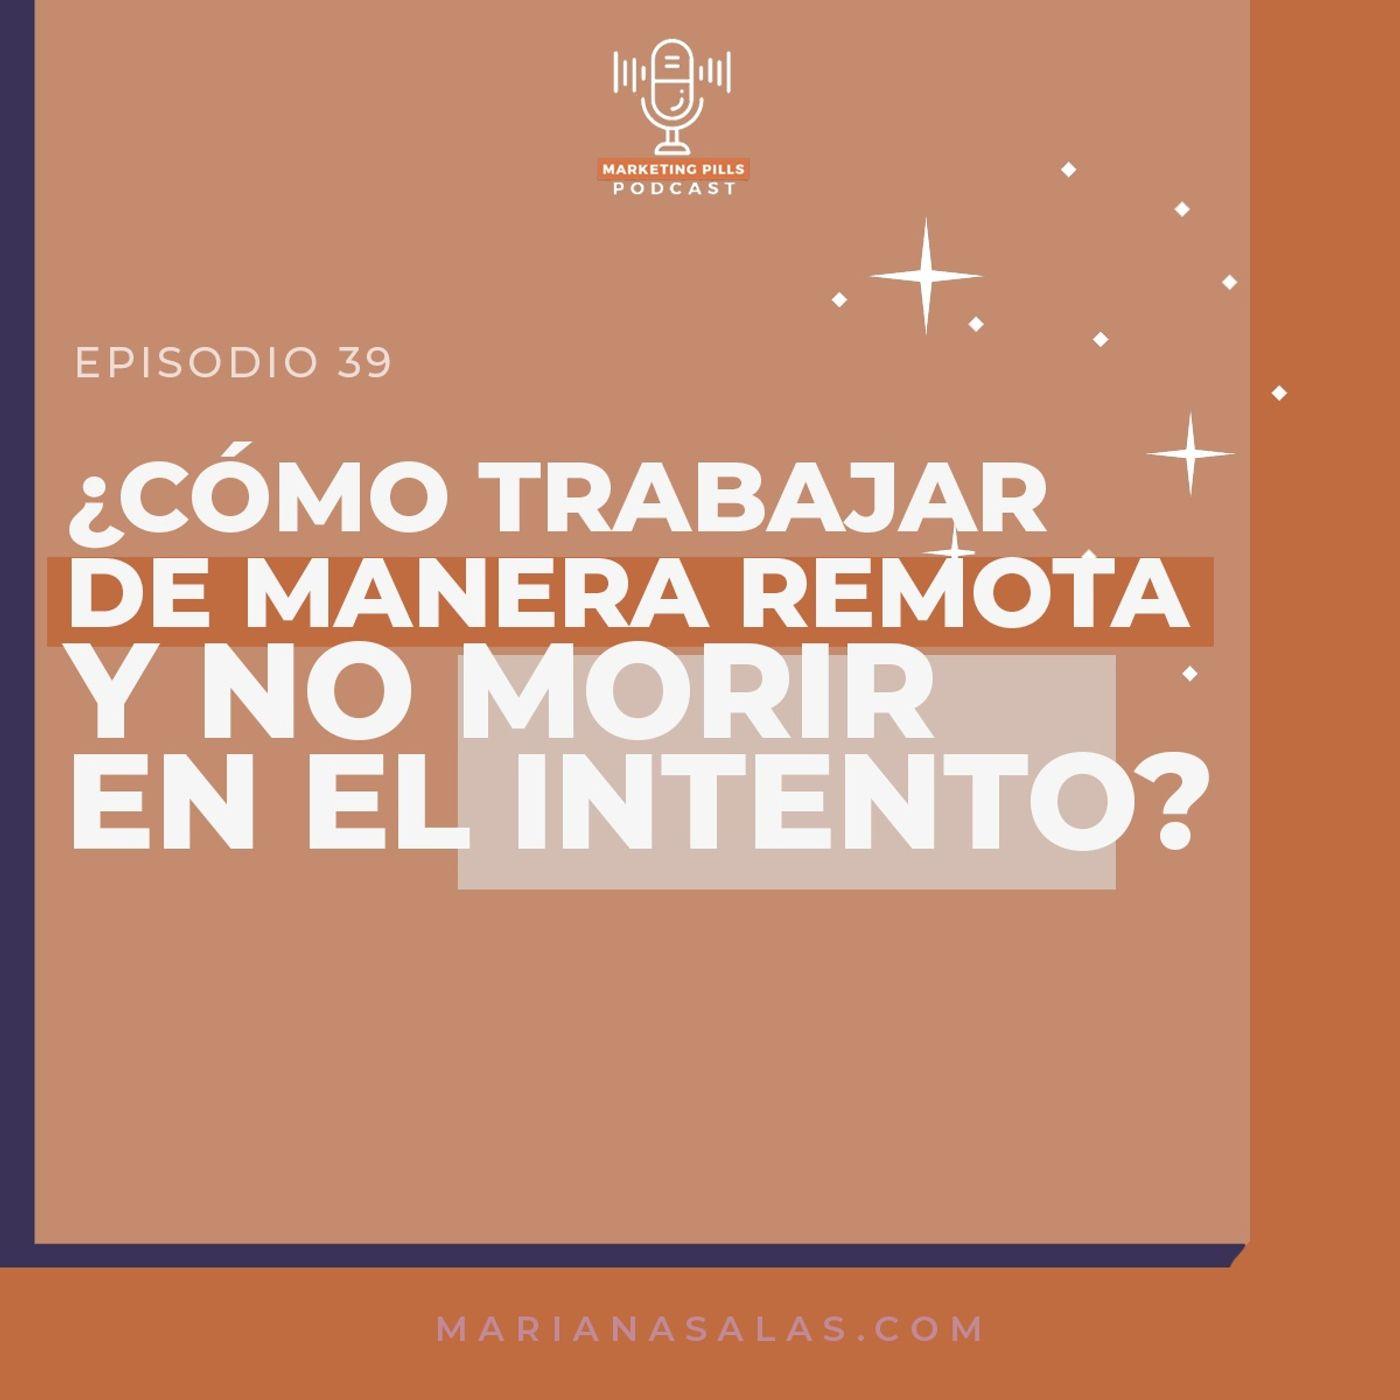 ⚡Episodio 39 - ¿Cómo Trabajar De Manera Remota Y No Morir En El Intento?